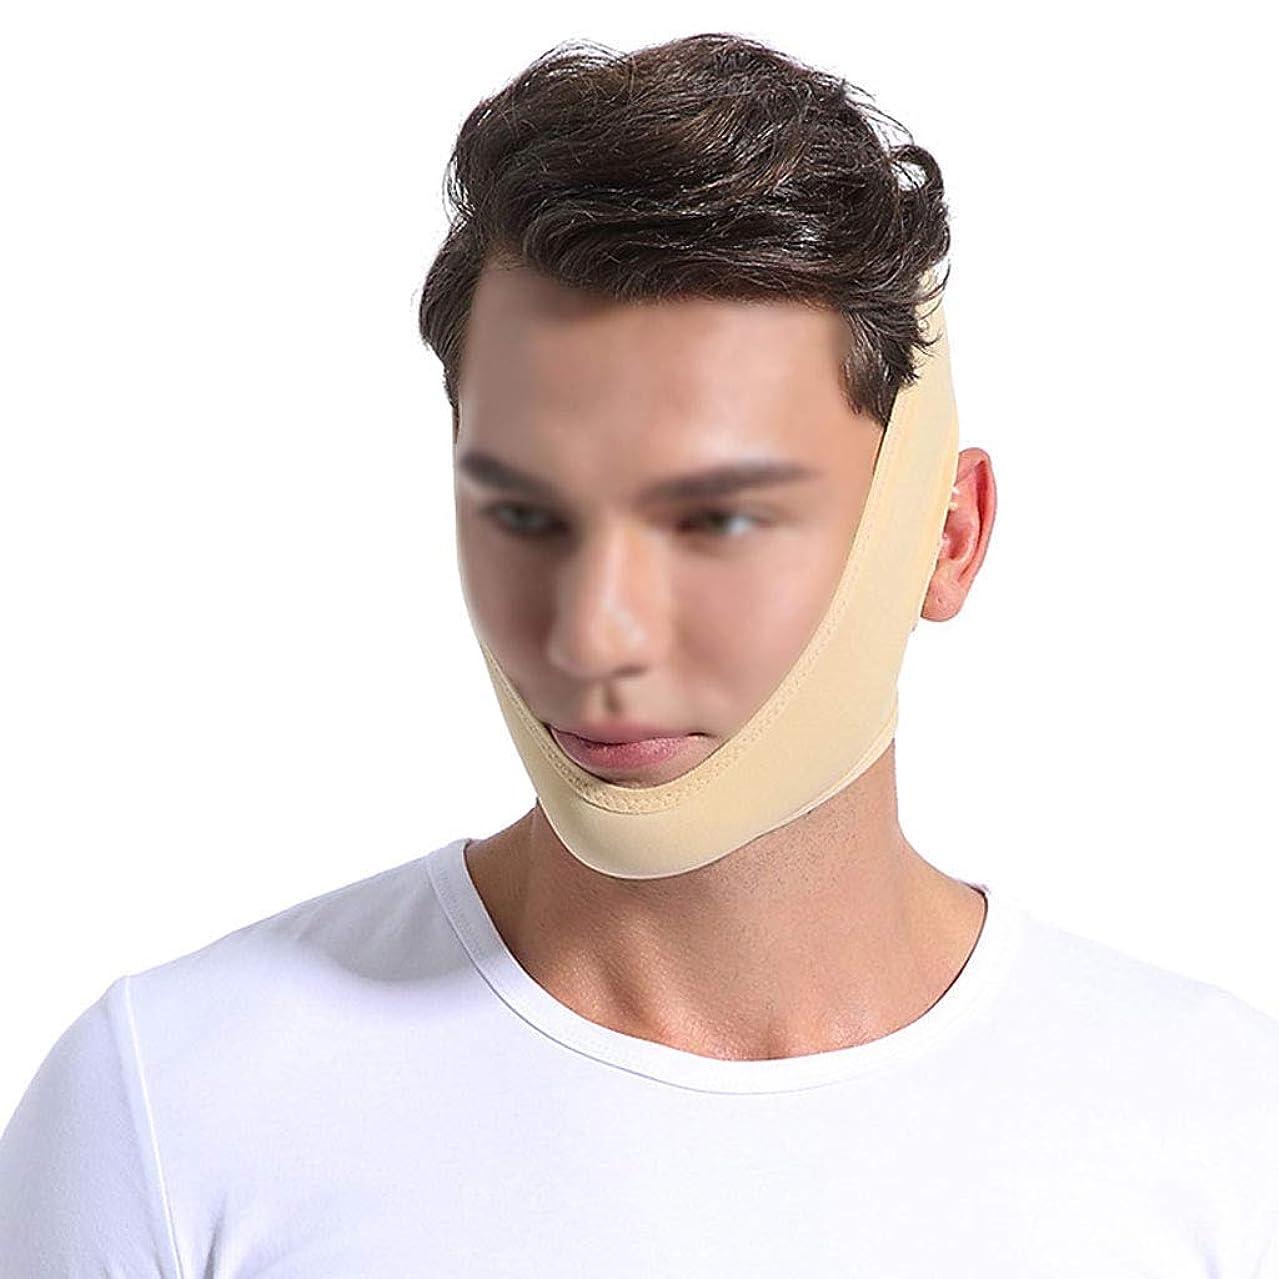 比較的フリンジ元のは医療用ワイヤーカービングの後で持ち上がるマスクを再開します、人および女性の顔の伸縮性がある包帯のヘッドギア結ばれた小さいVの表面薄い表面マスク